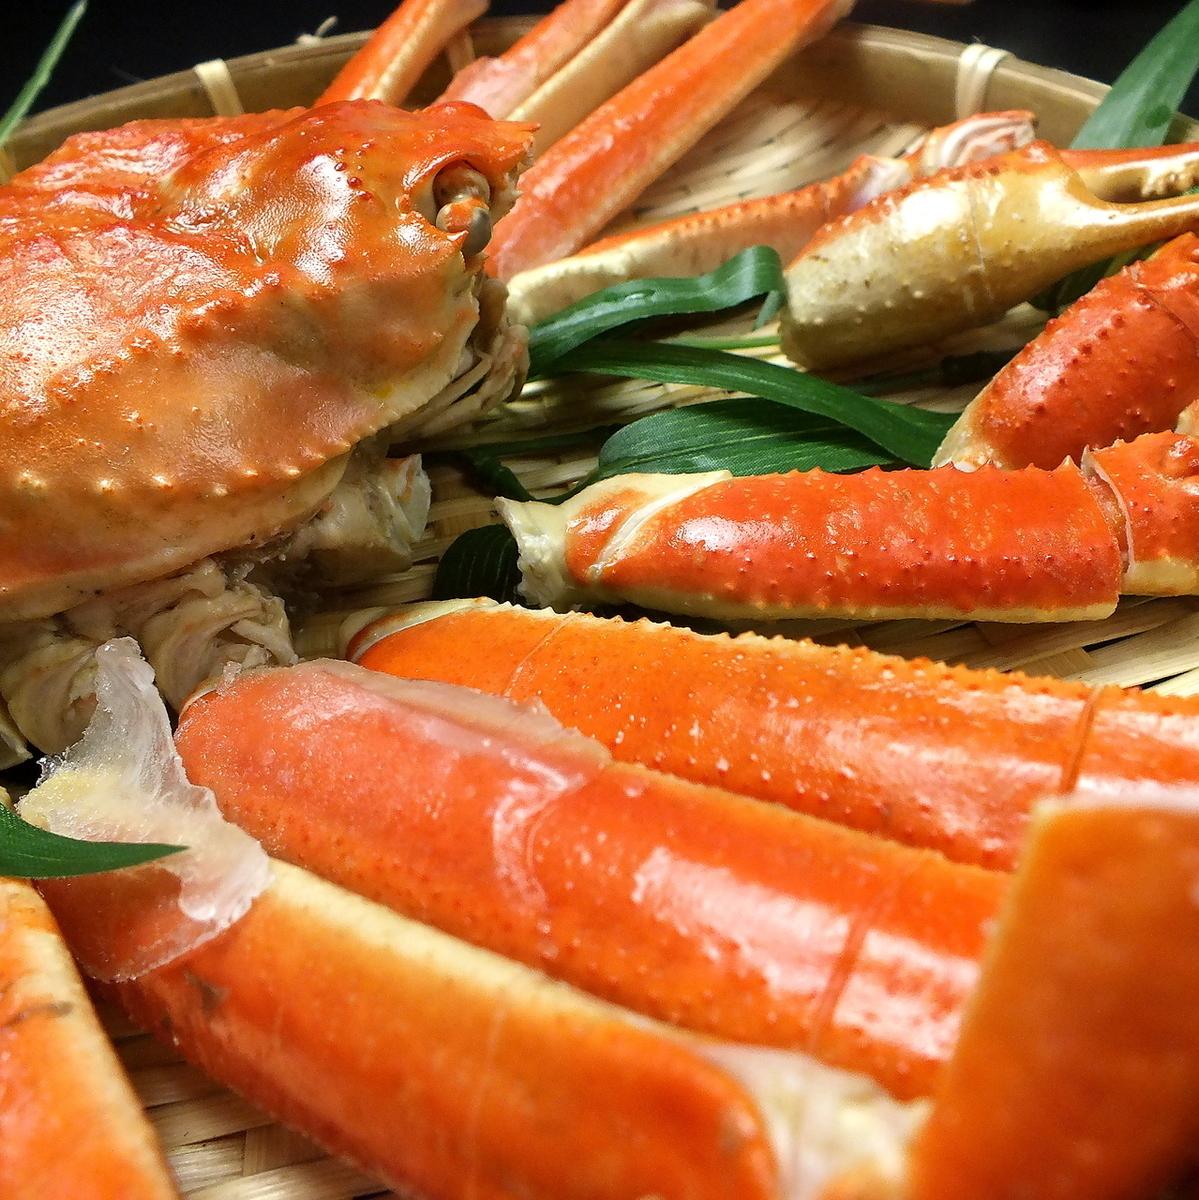 Thalaba crab legs